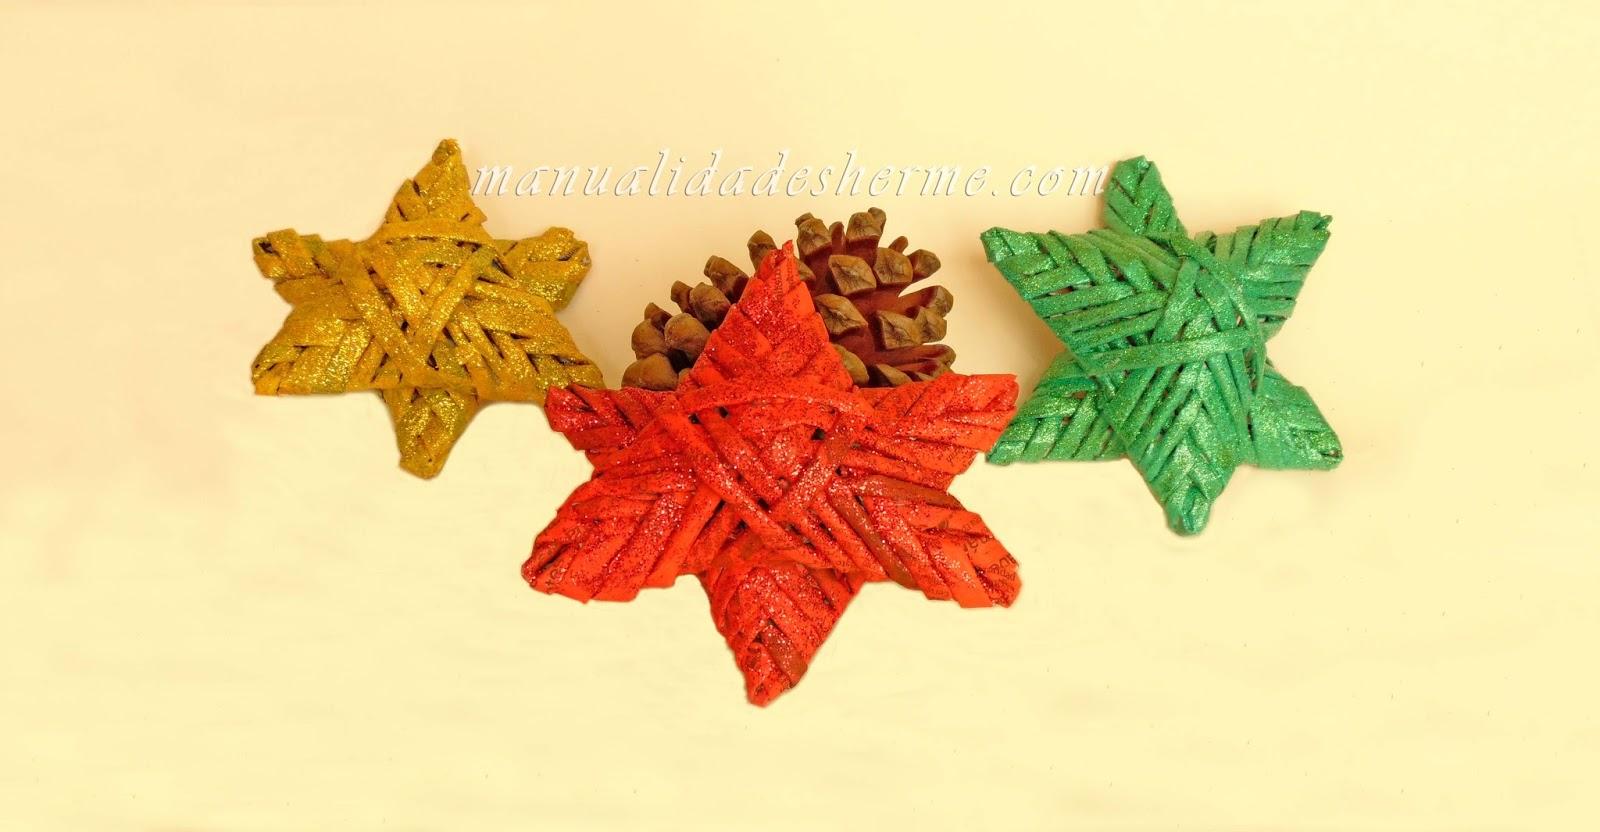 Manualidades herme como hacer estrellas de navidad con - Estrellas de papel para navidad ...